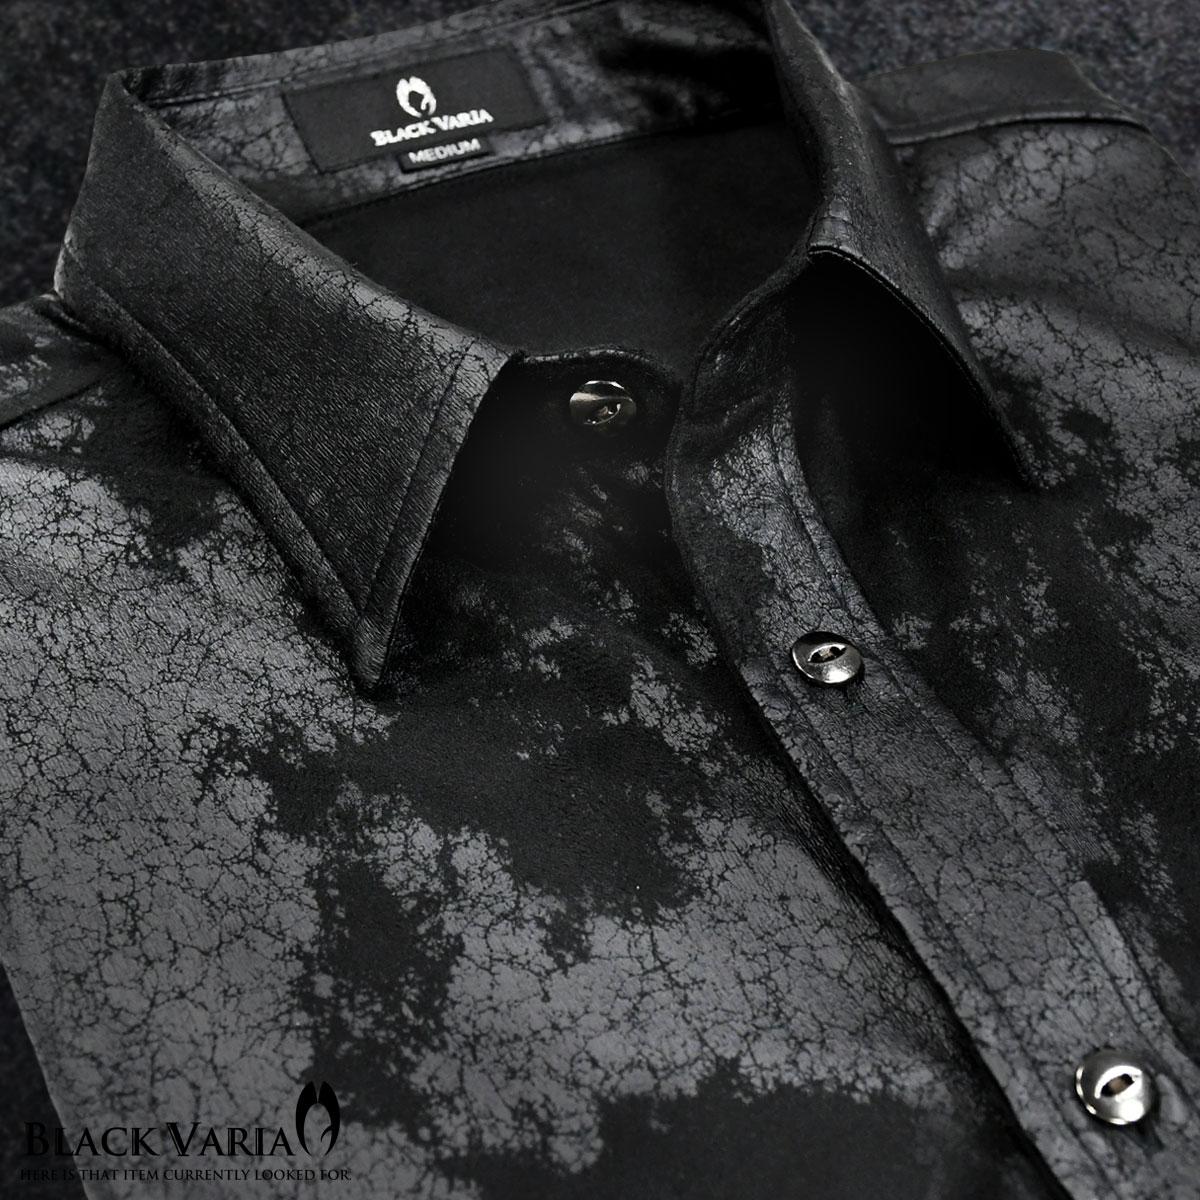 長袖シャツ ソフトPUレザー ムラ 合皮 レギュラーカラー スエード 日本製 メンズ ヴィンテージ スリム 水洗可 ドレスシャツ mens(ブラック黒) 925834